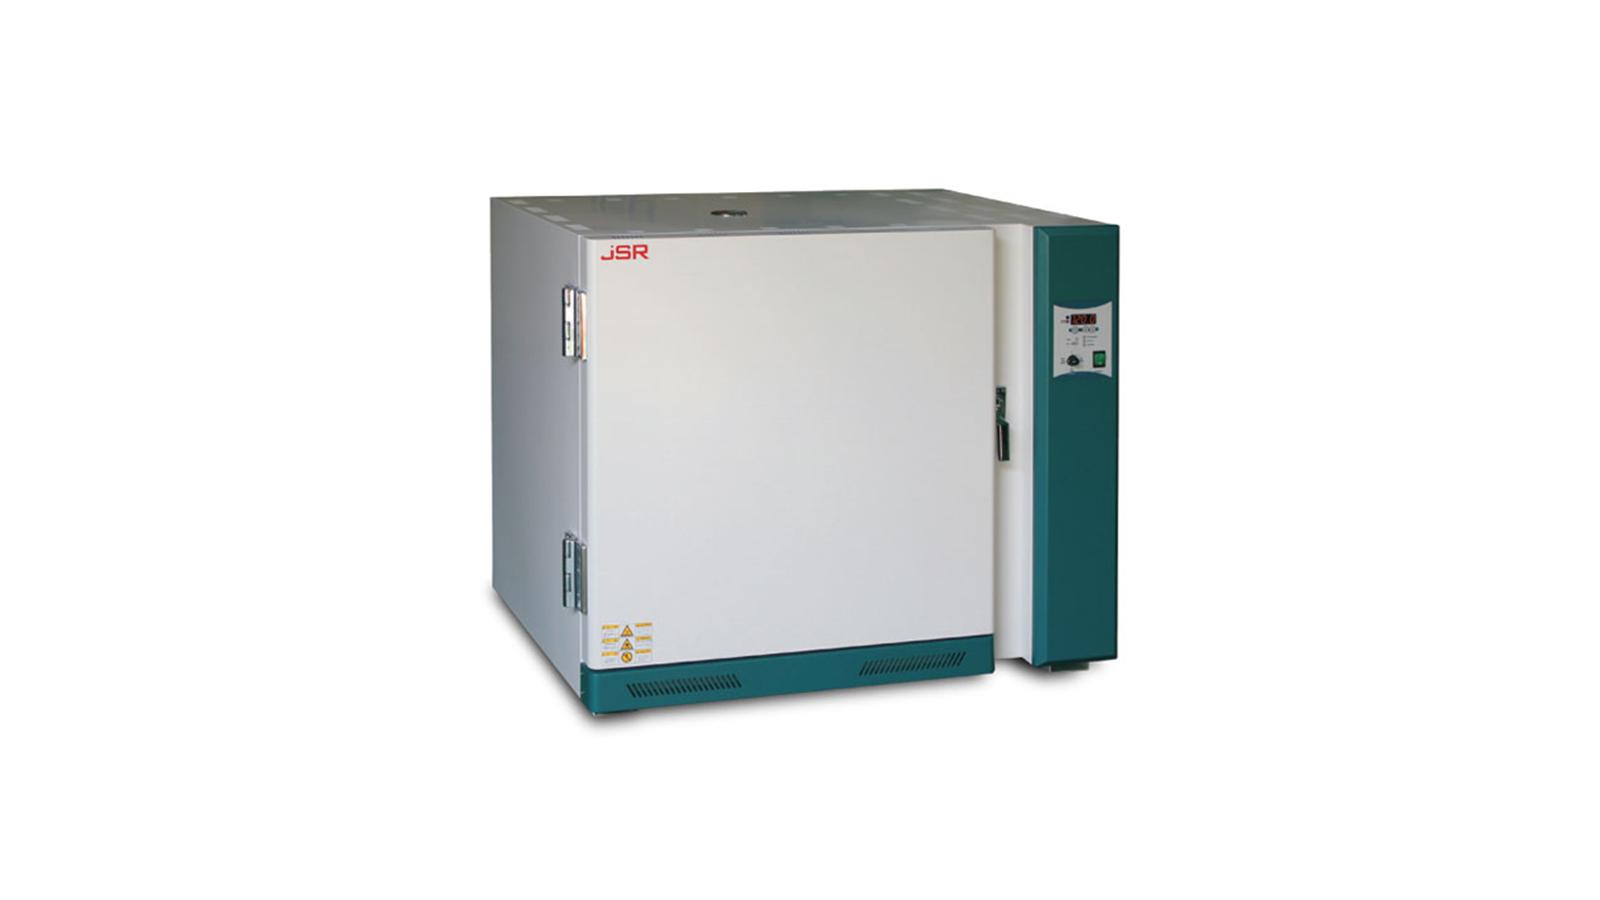 Yüksek Sıcaklık Etüv 350°C || Merlab Laboratuvar Ekipmanları